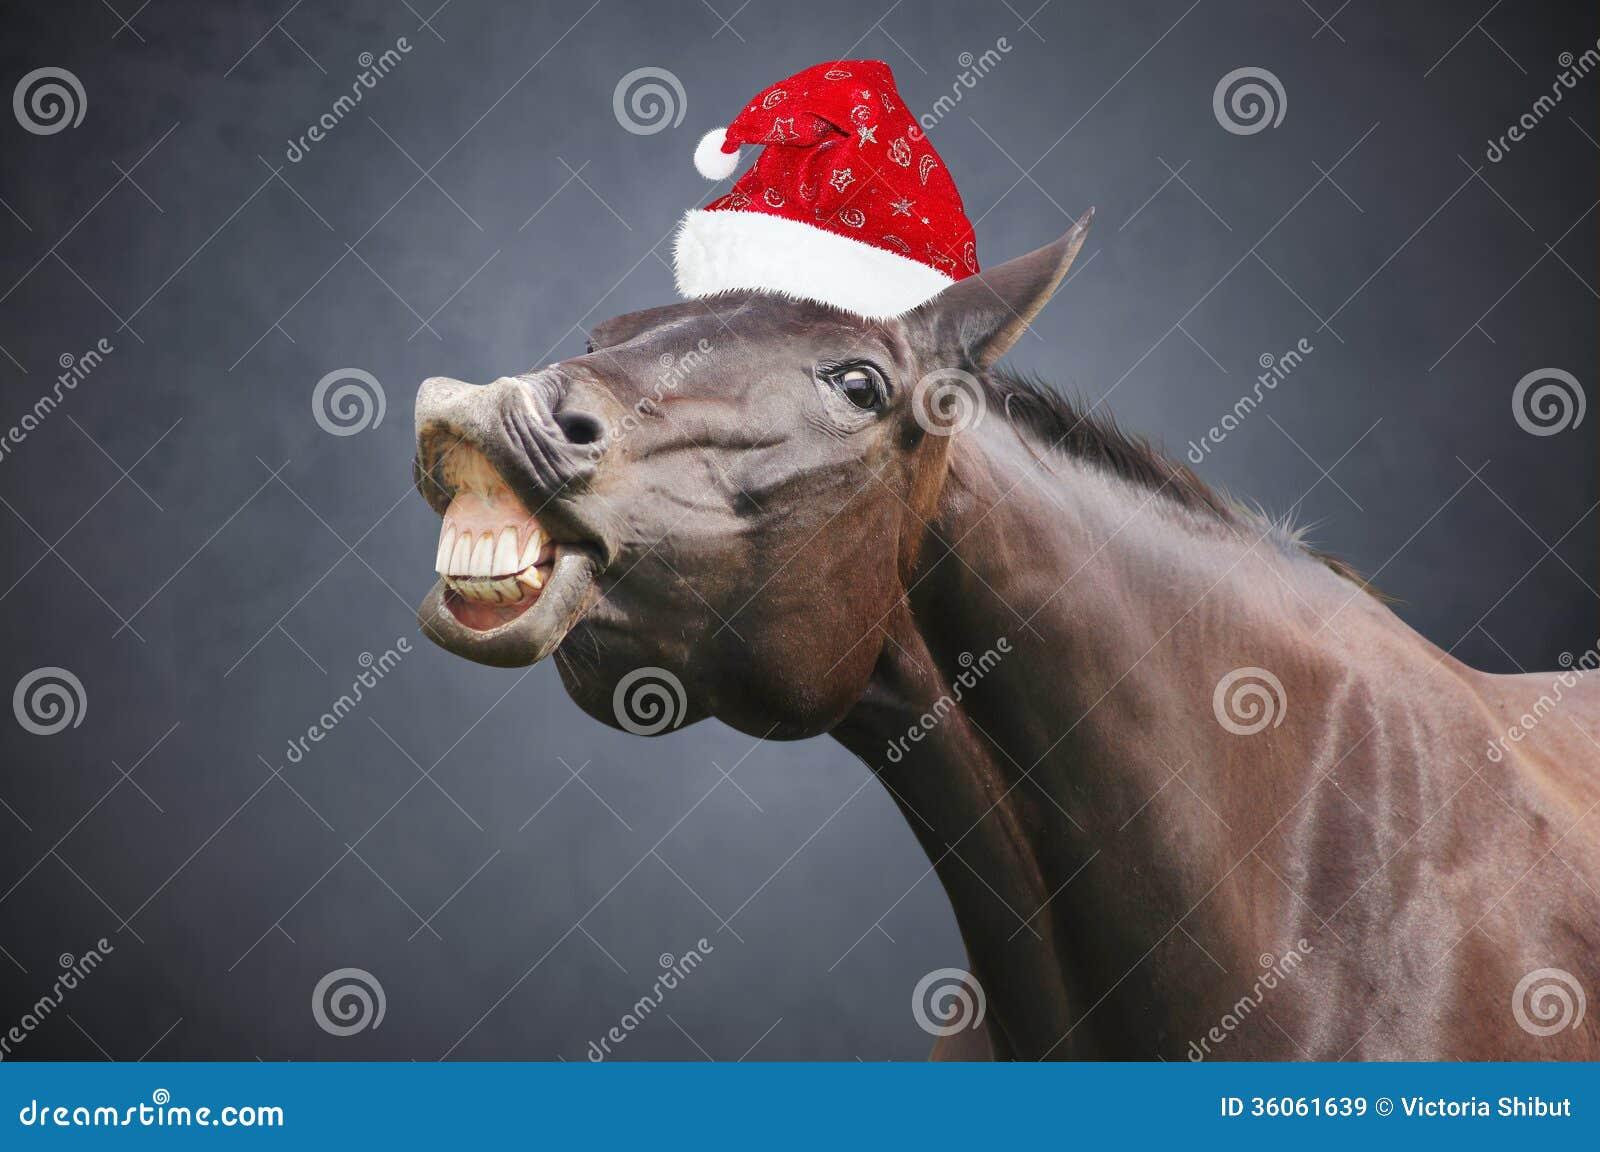 Immagini Di Natale Con Cavalli.Immagini Di Natale Con Cavalli Frismarketingadvies